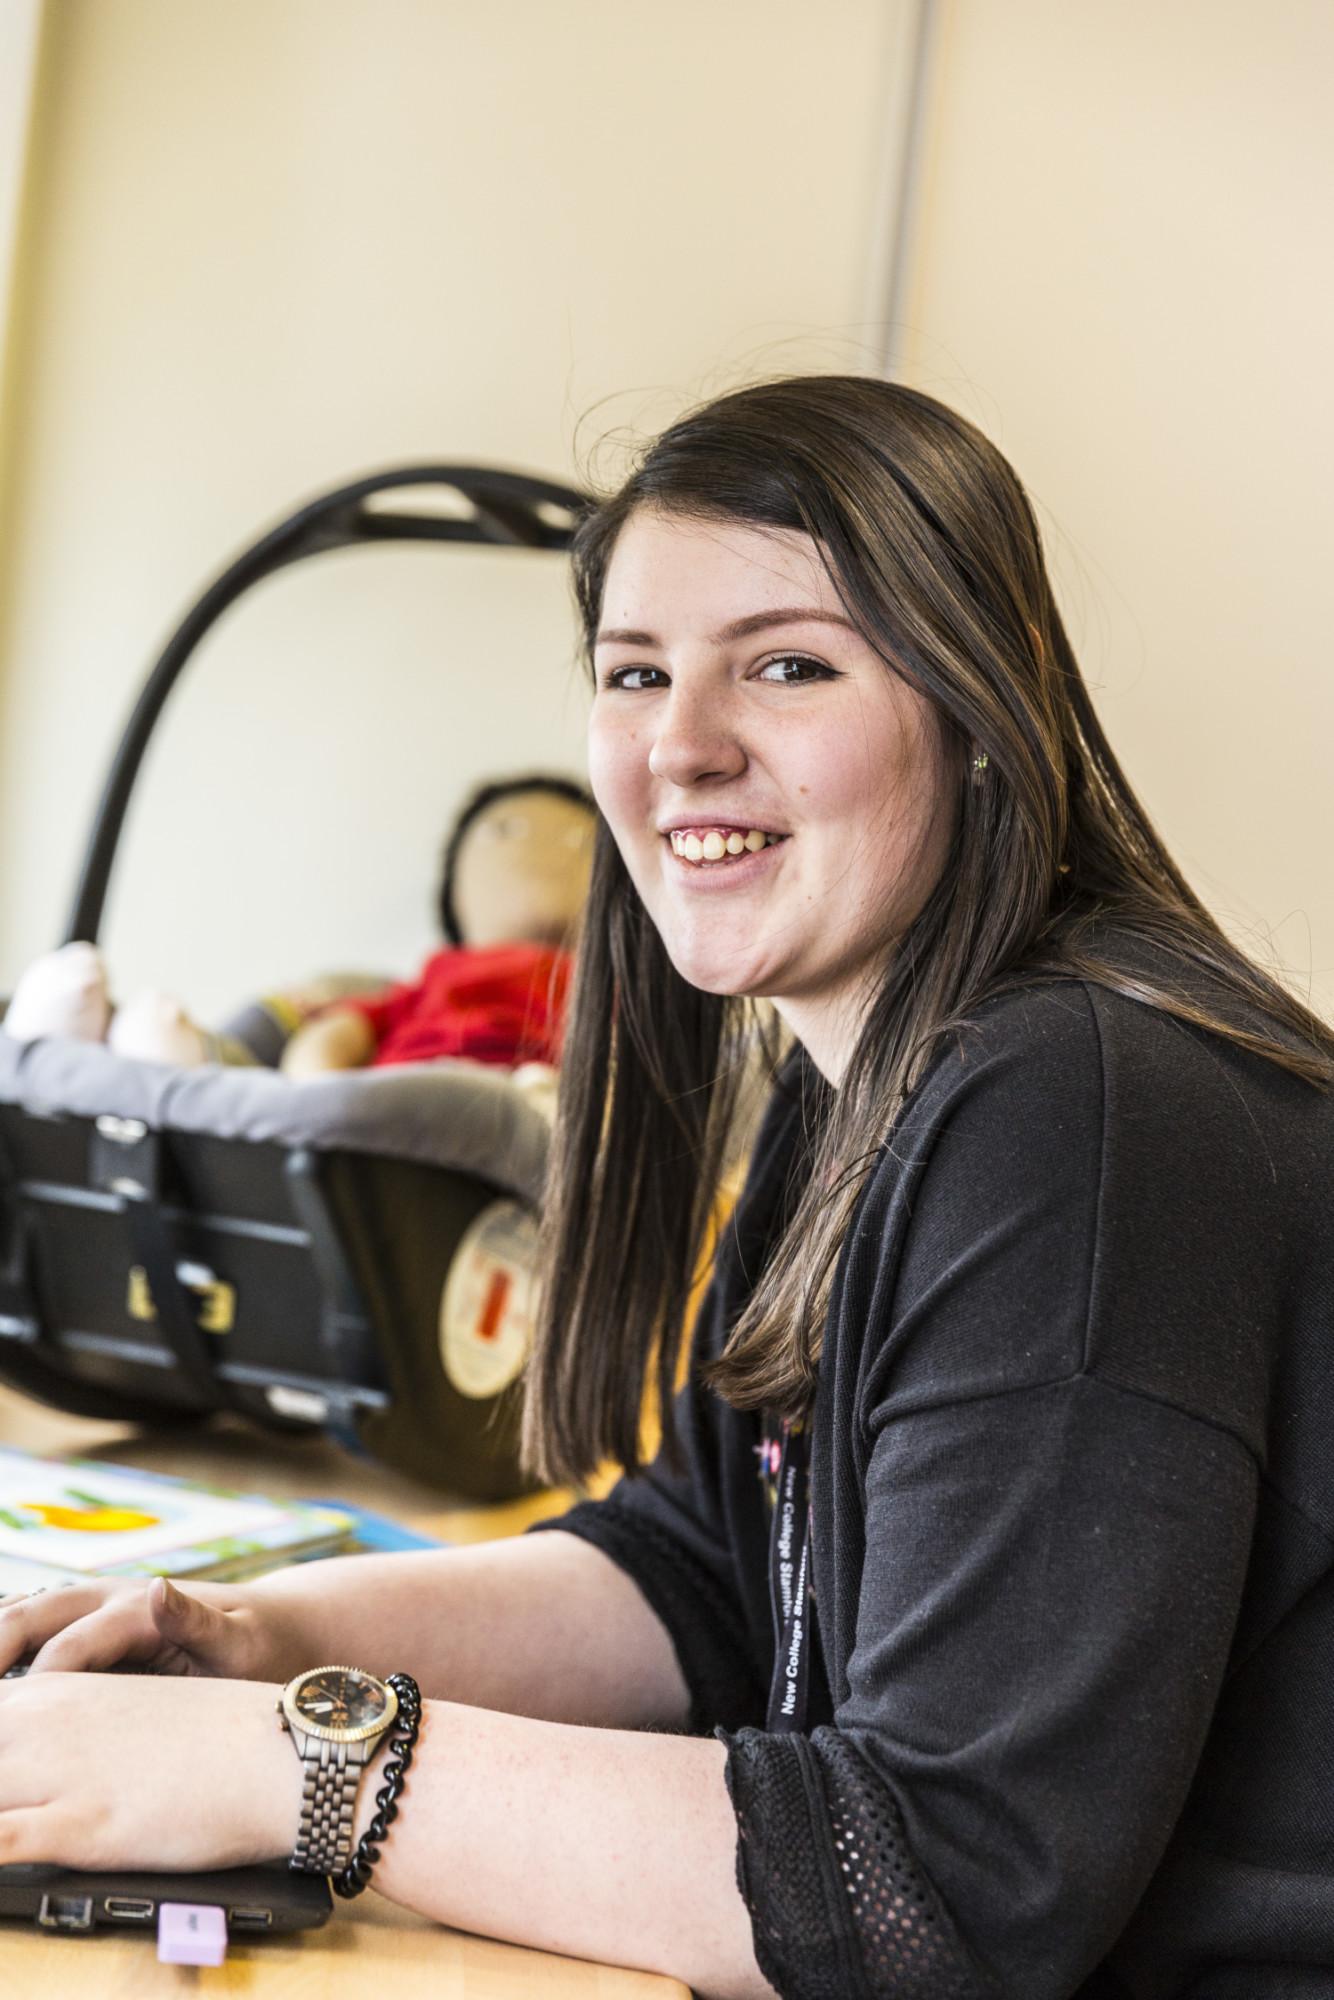 Rhiannon-Kerseley-Childcare1